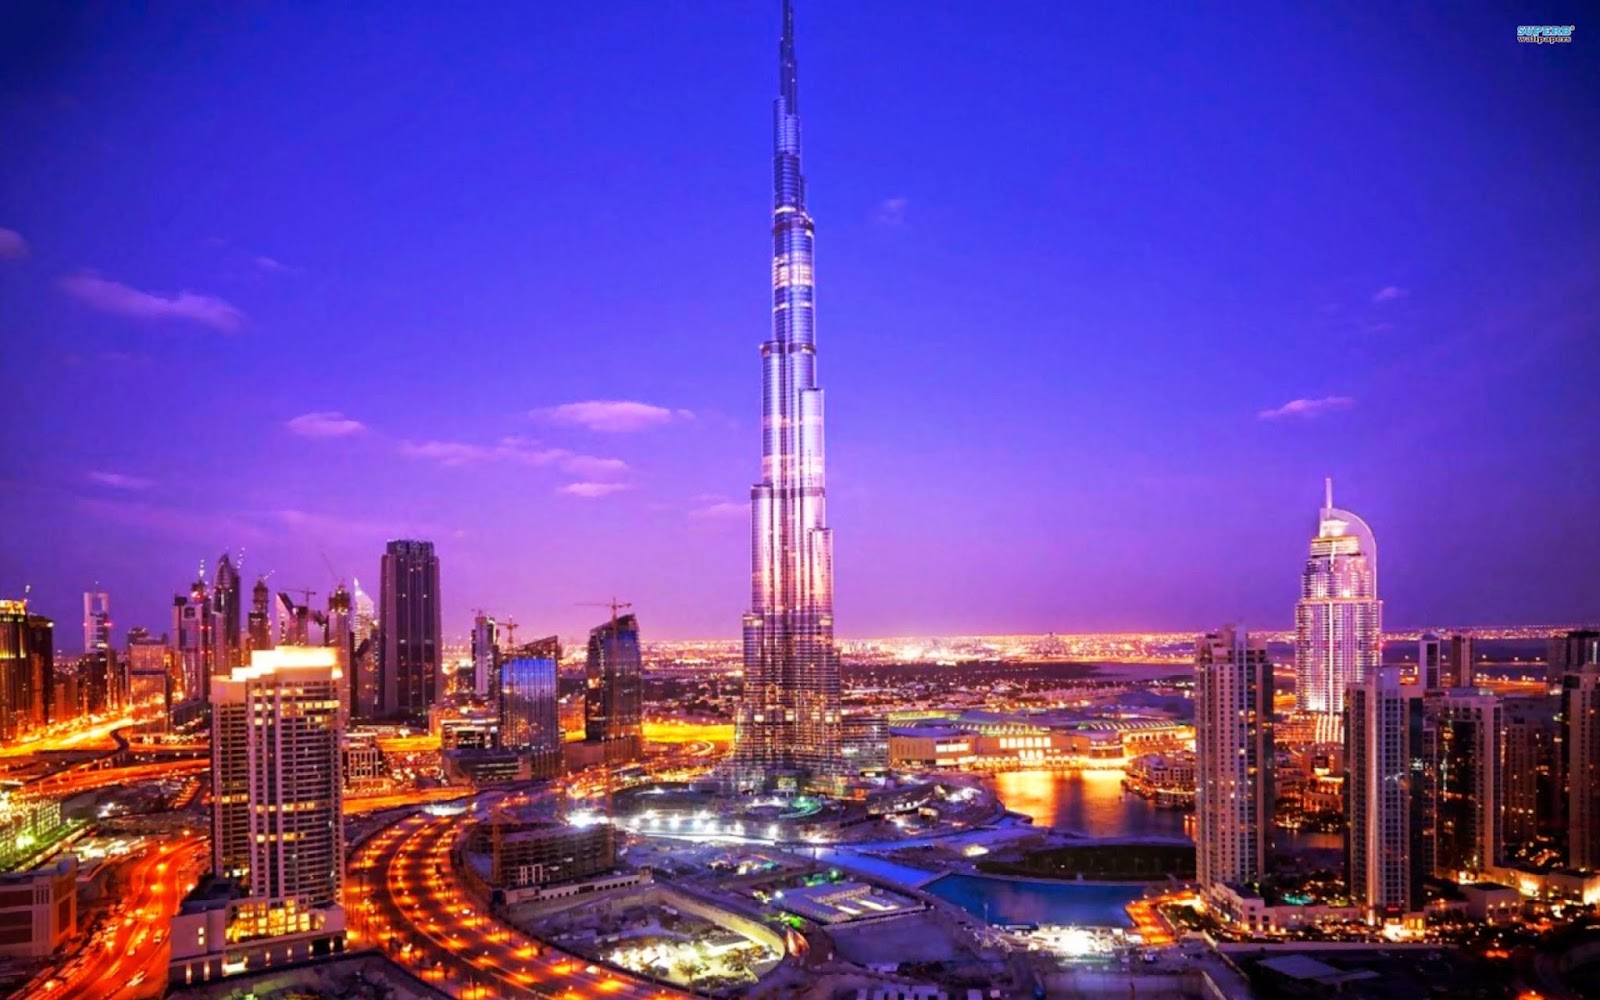 Вечером Дубай превращается в россыпь цветных огней.